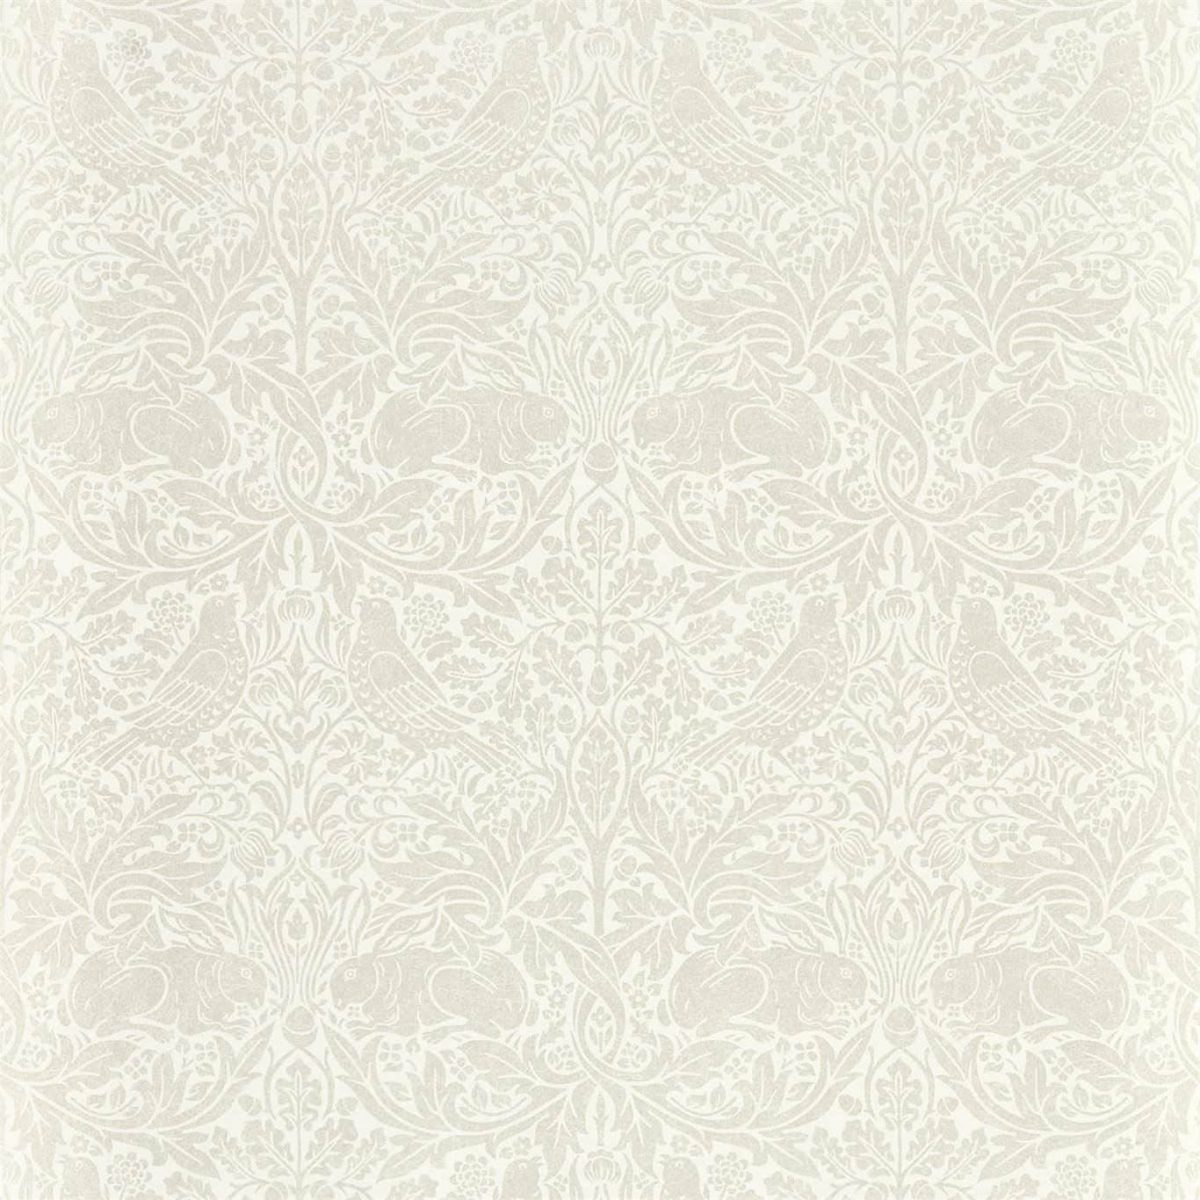 Morris & Co Tapet Pure Brer Rabbit White Clover